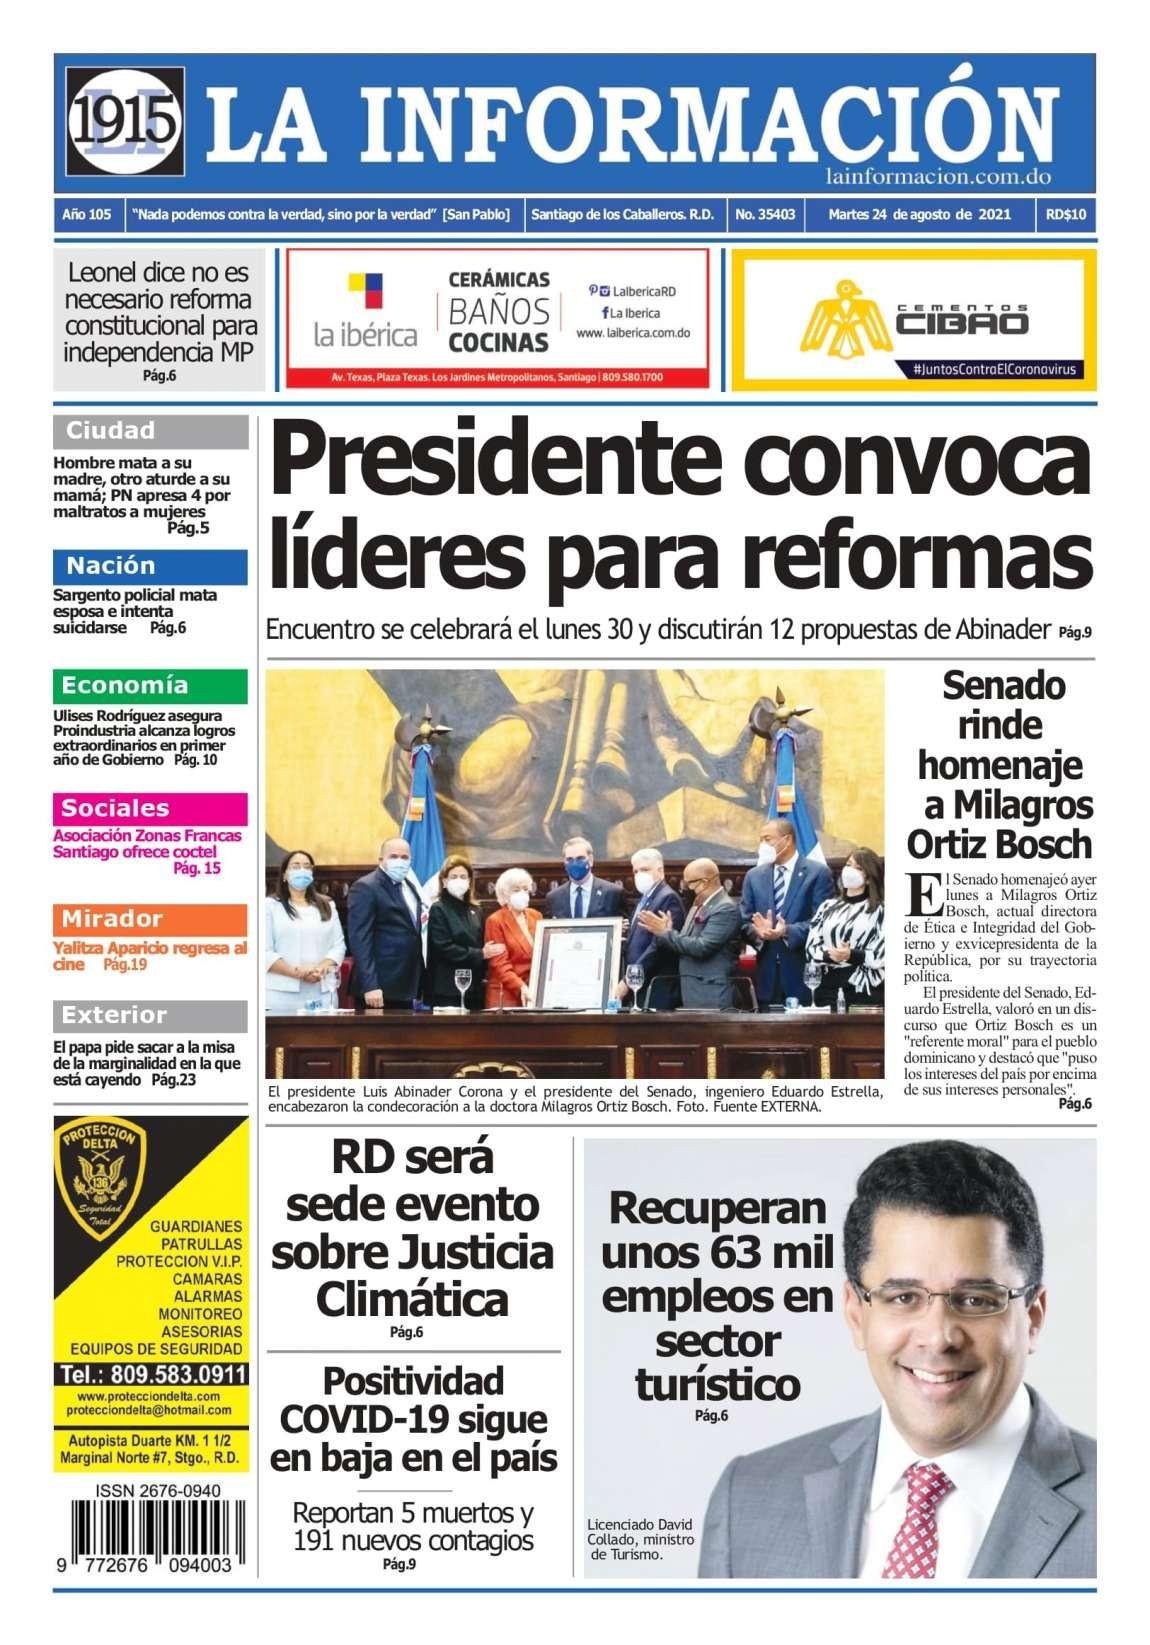 Portada Periódico La Información, Martes 24 Agosto, 2021